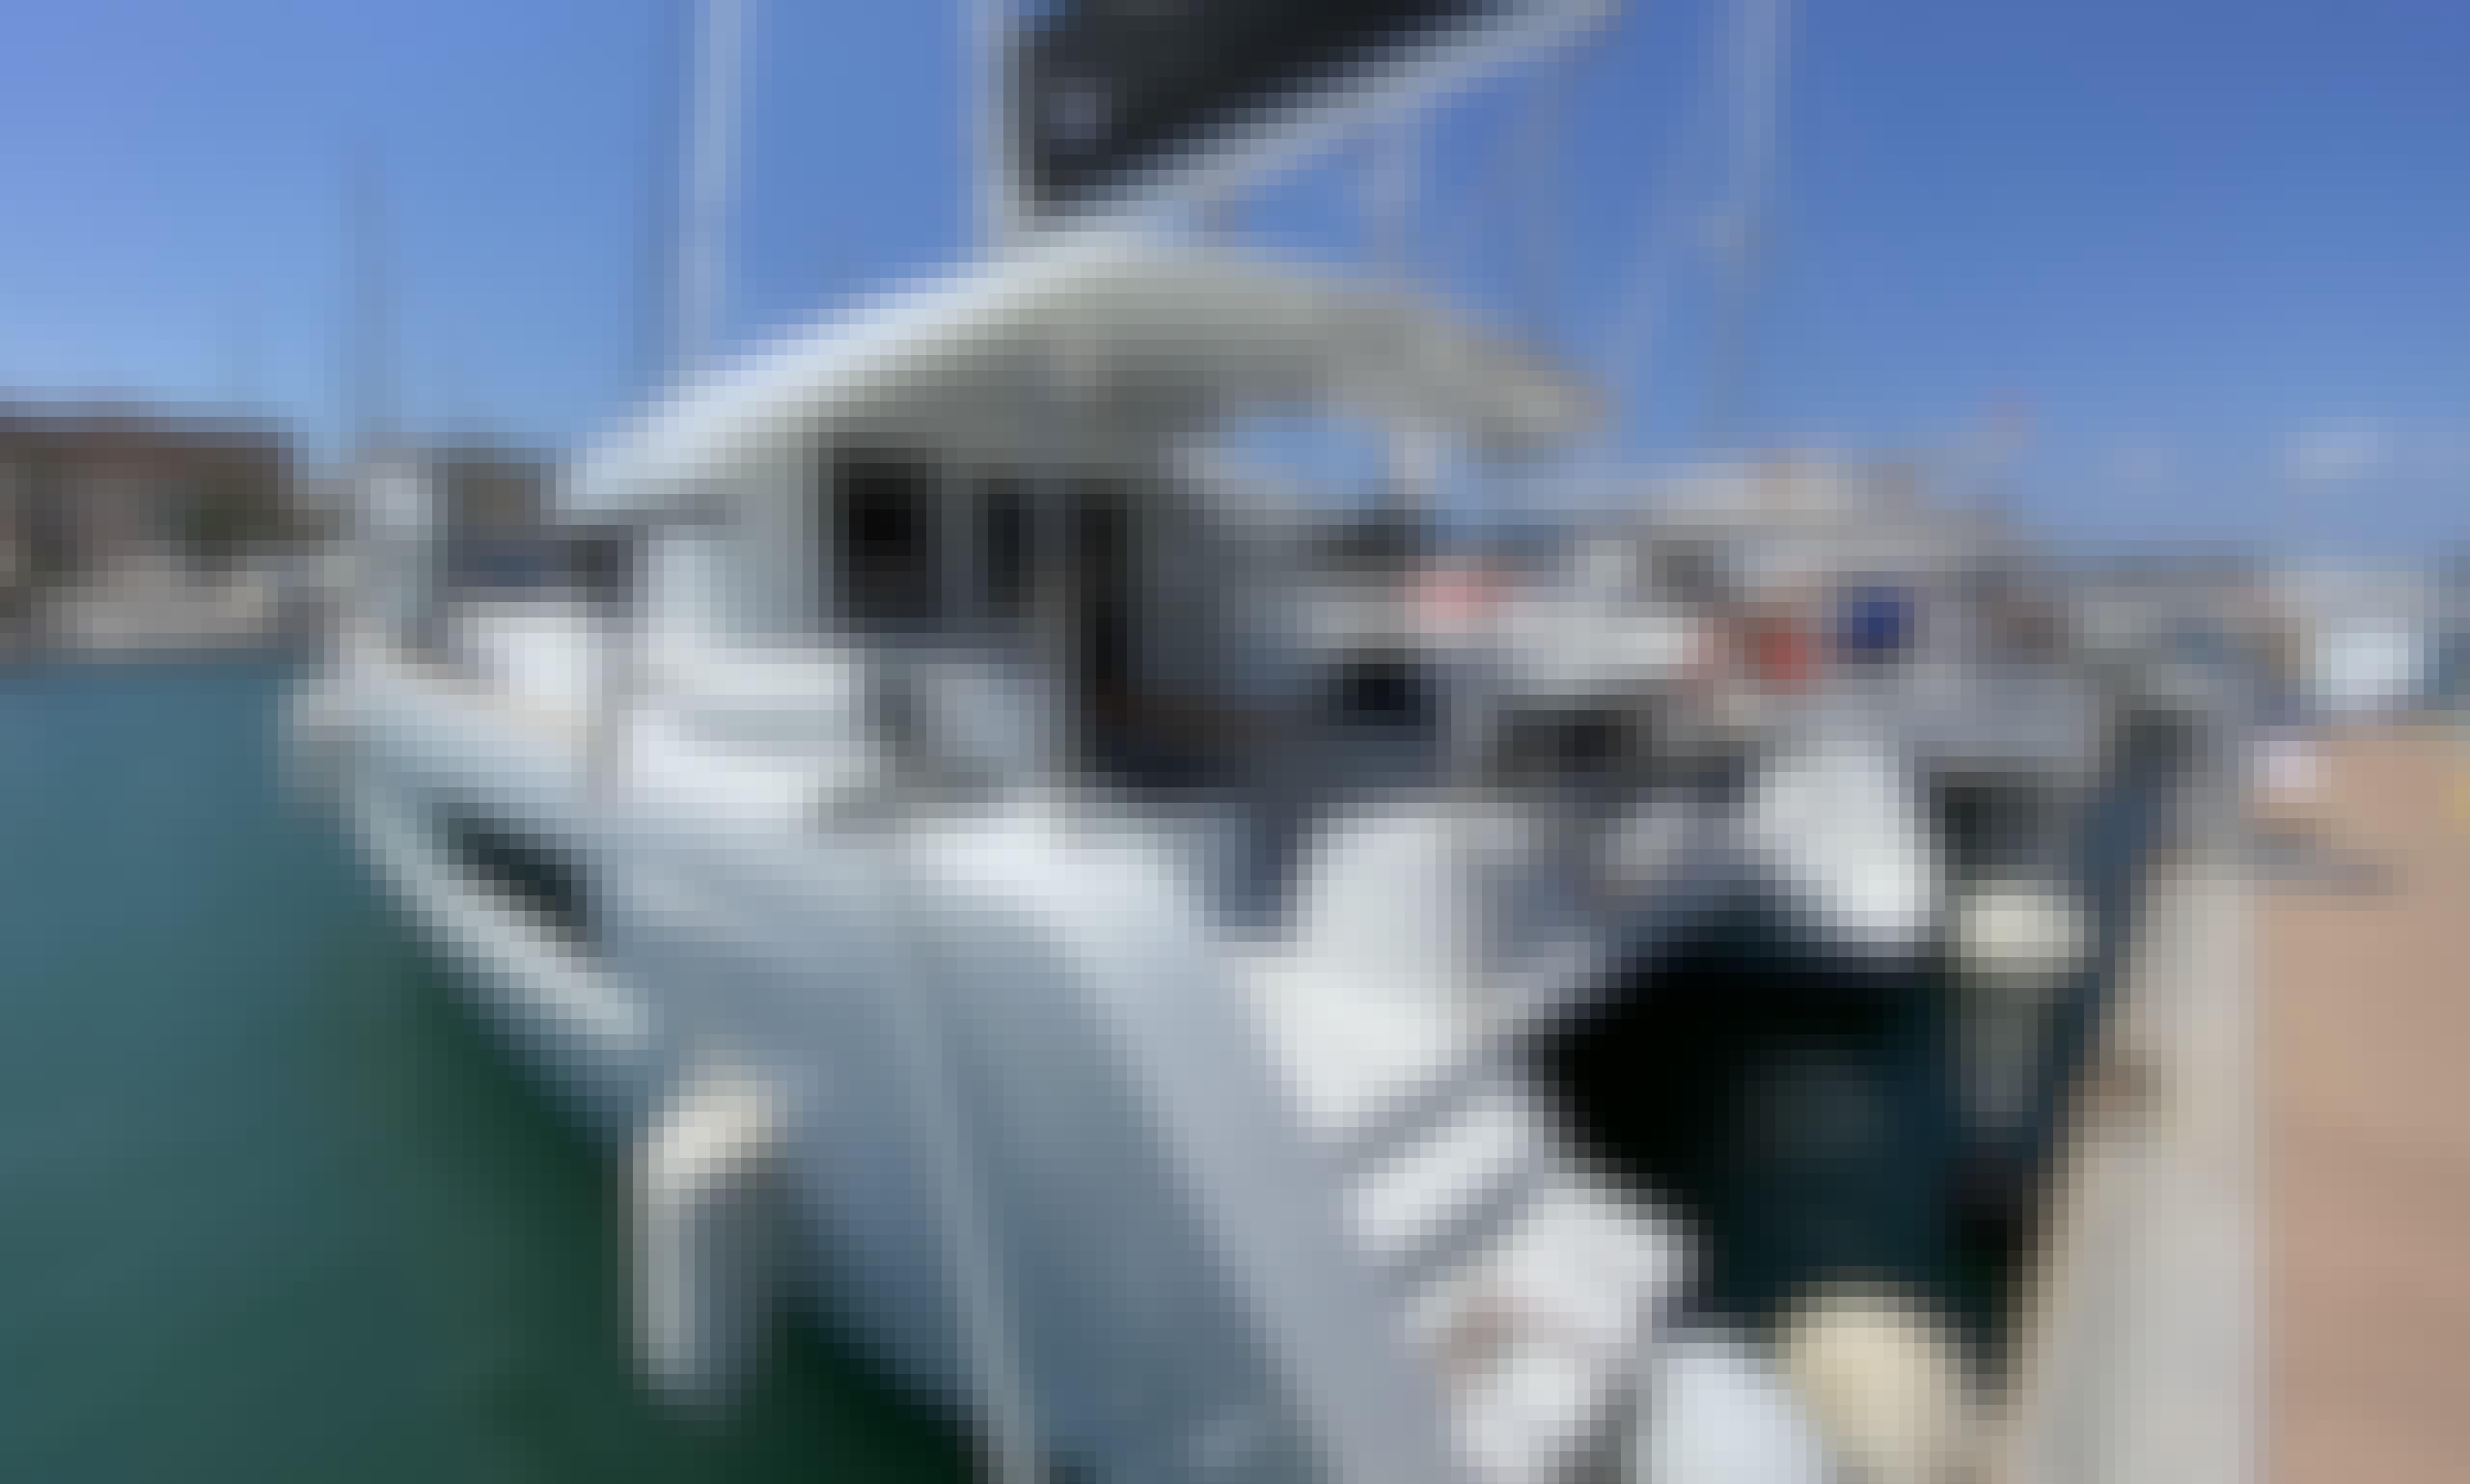 2020 Lagoon 40 Sailing Catamaran for Charter in Eivissa, Spain